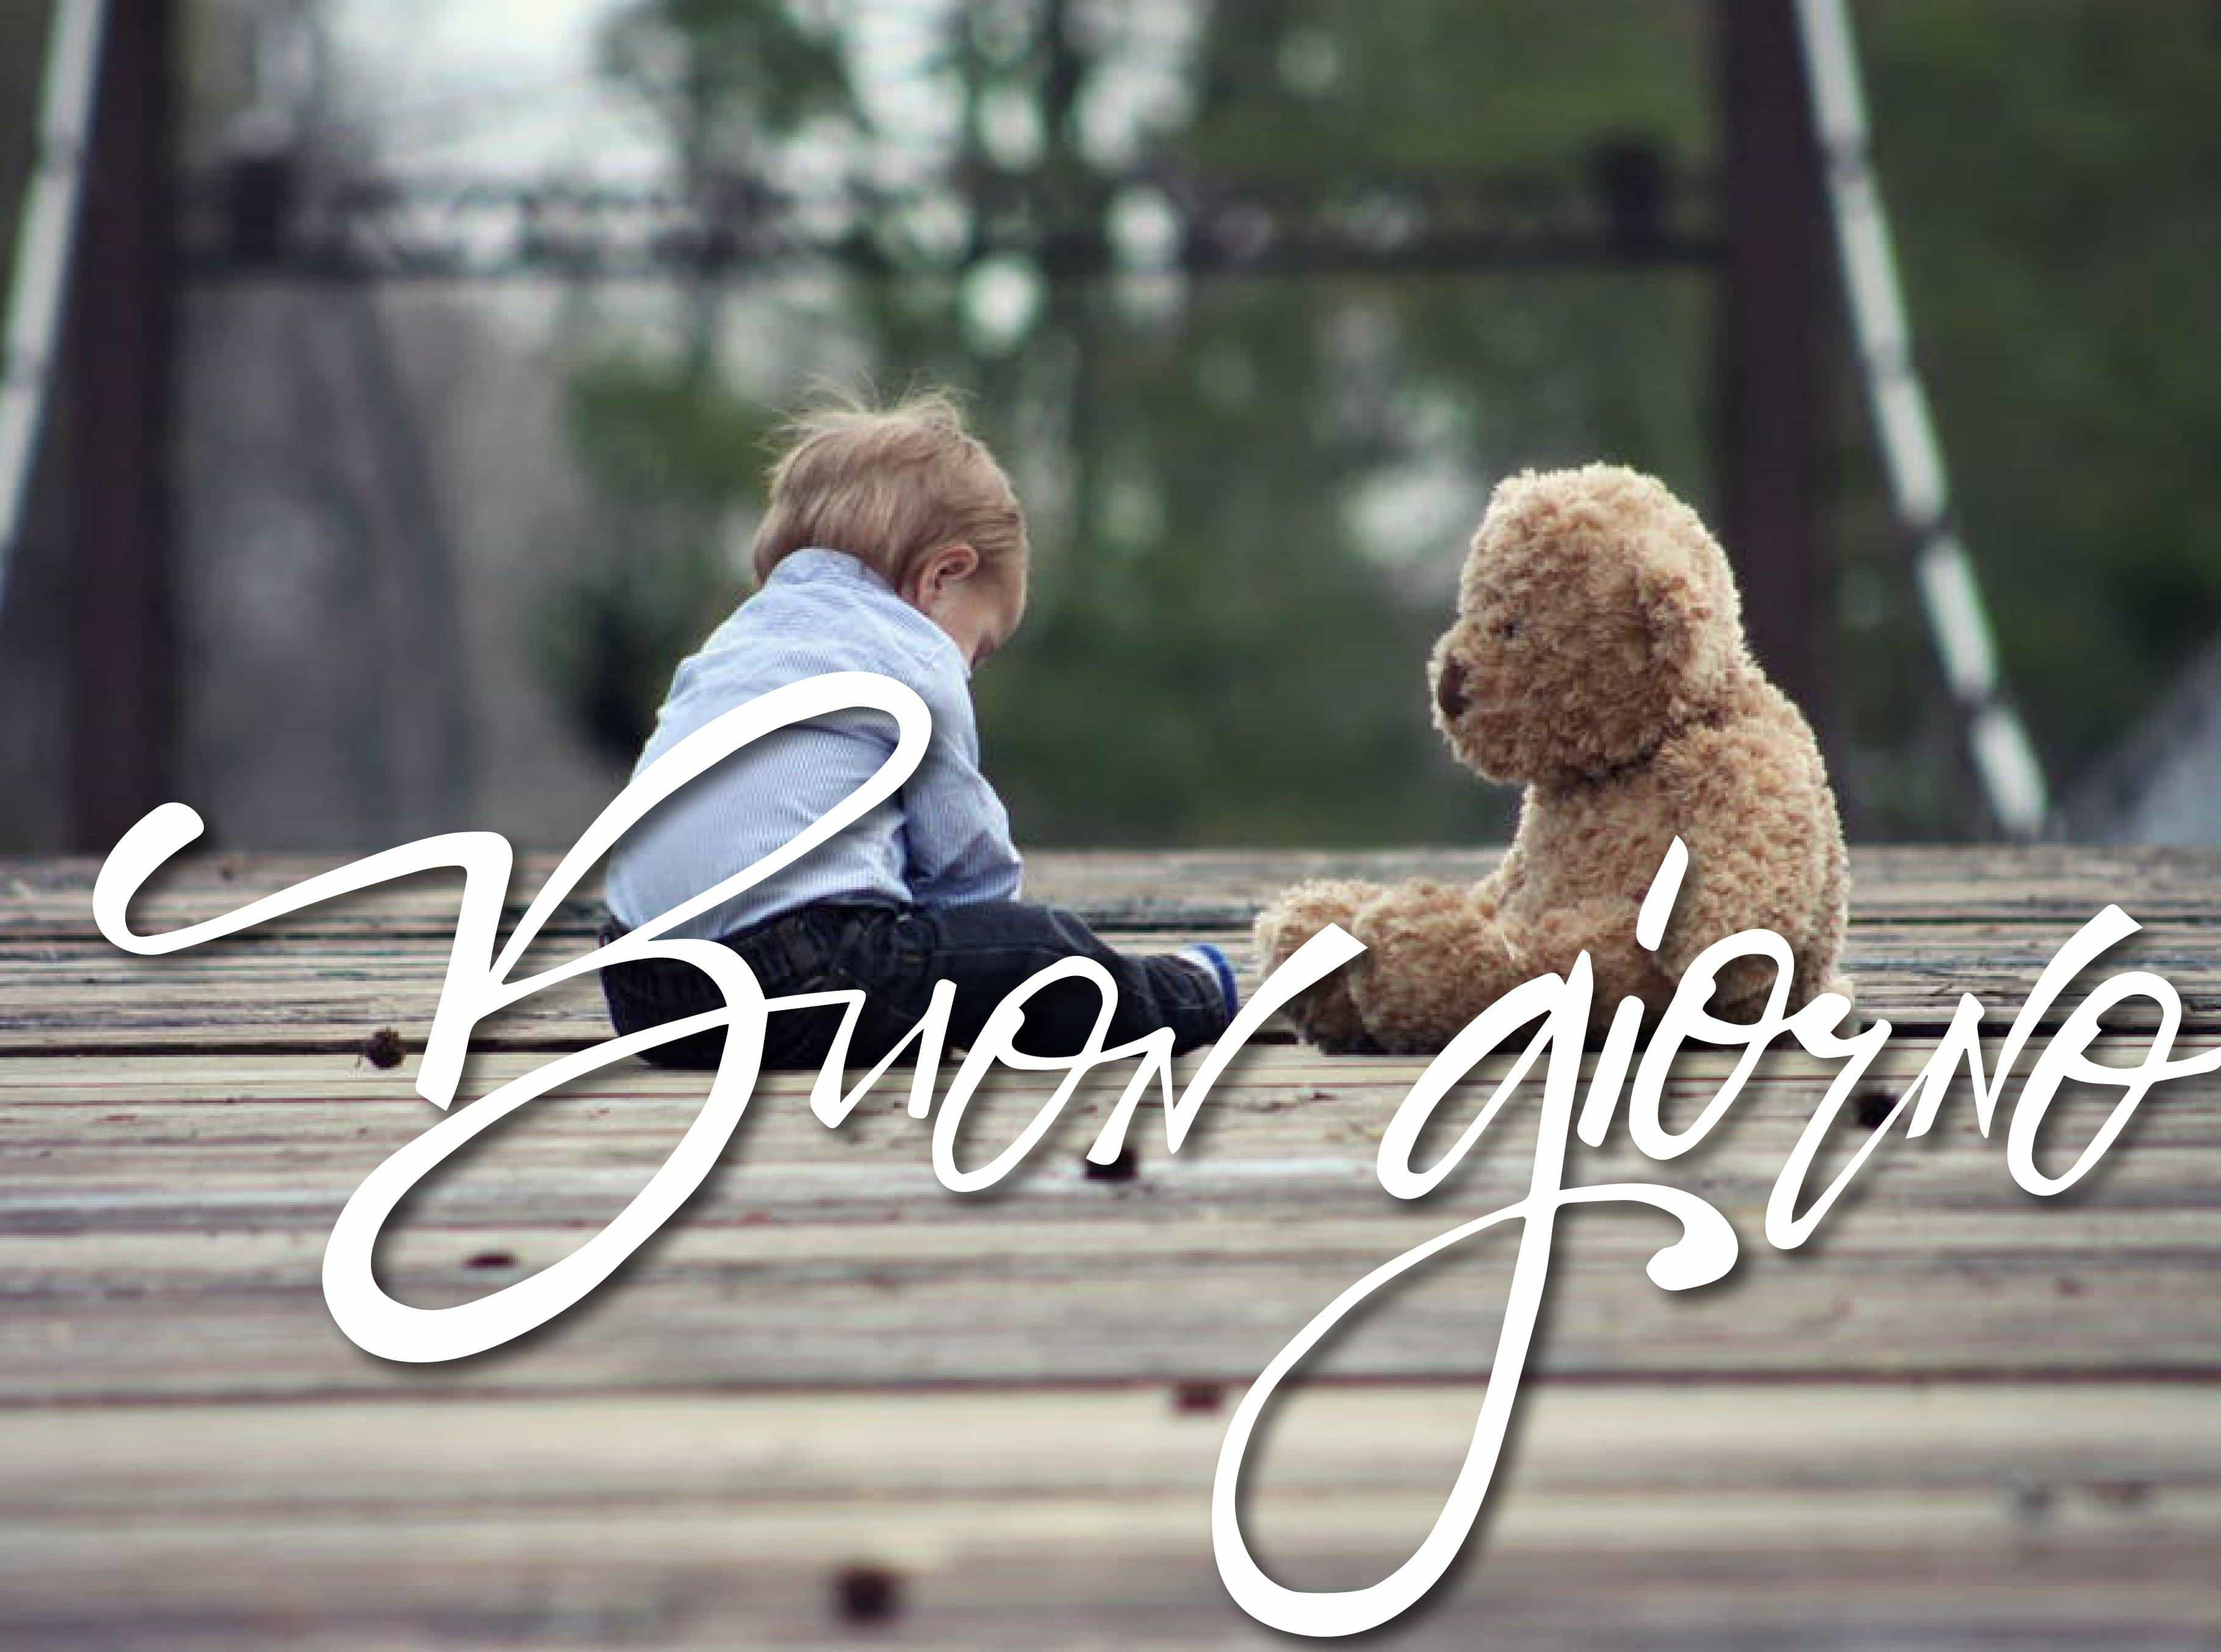 Le Immagini Del Buongiorno Con I Bambini Foto Della Buona